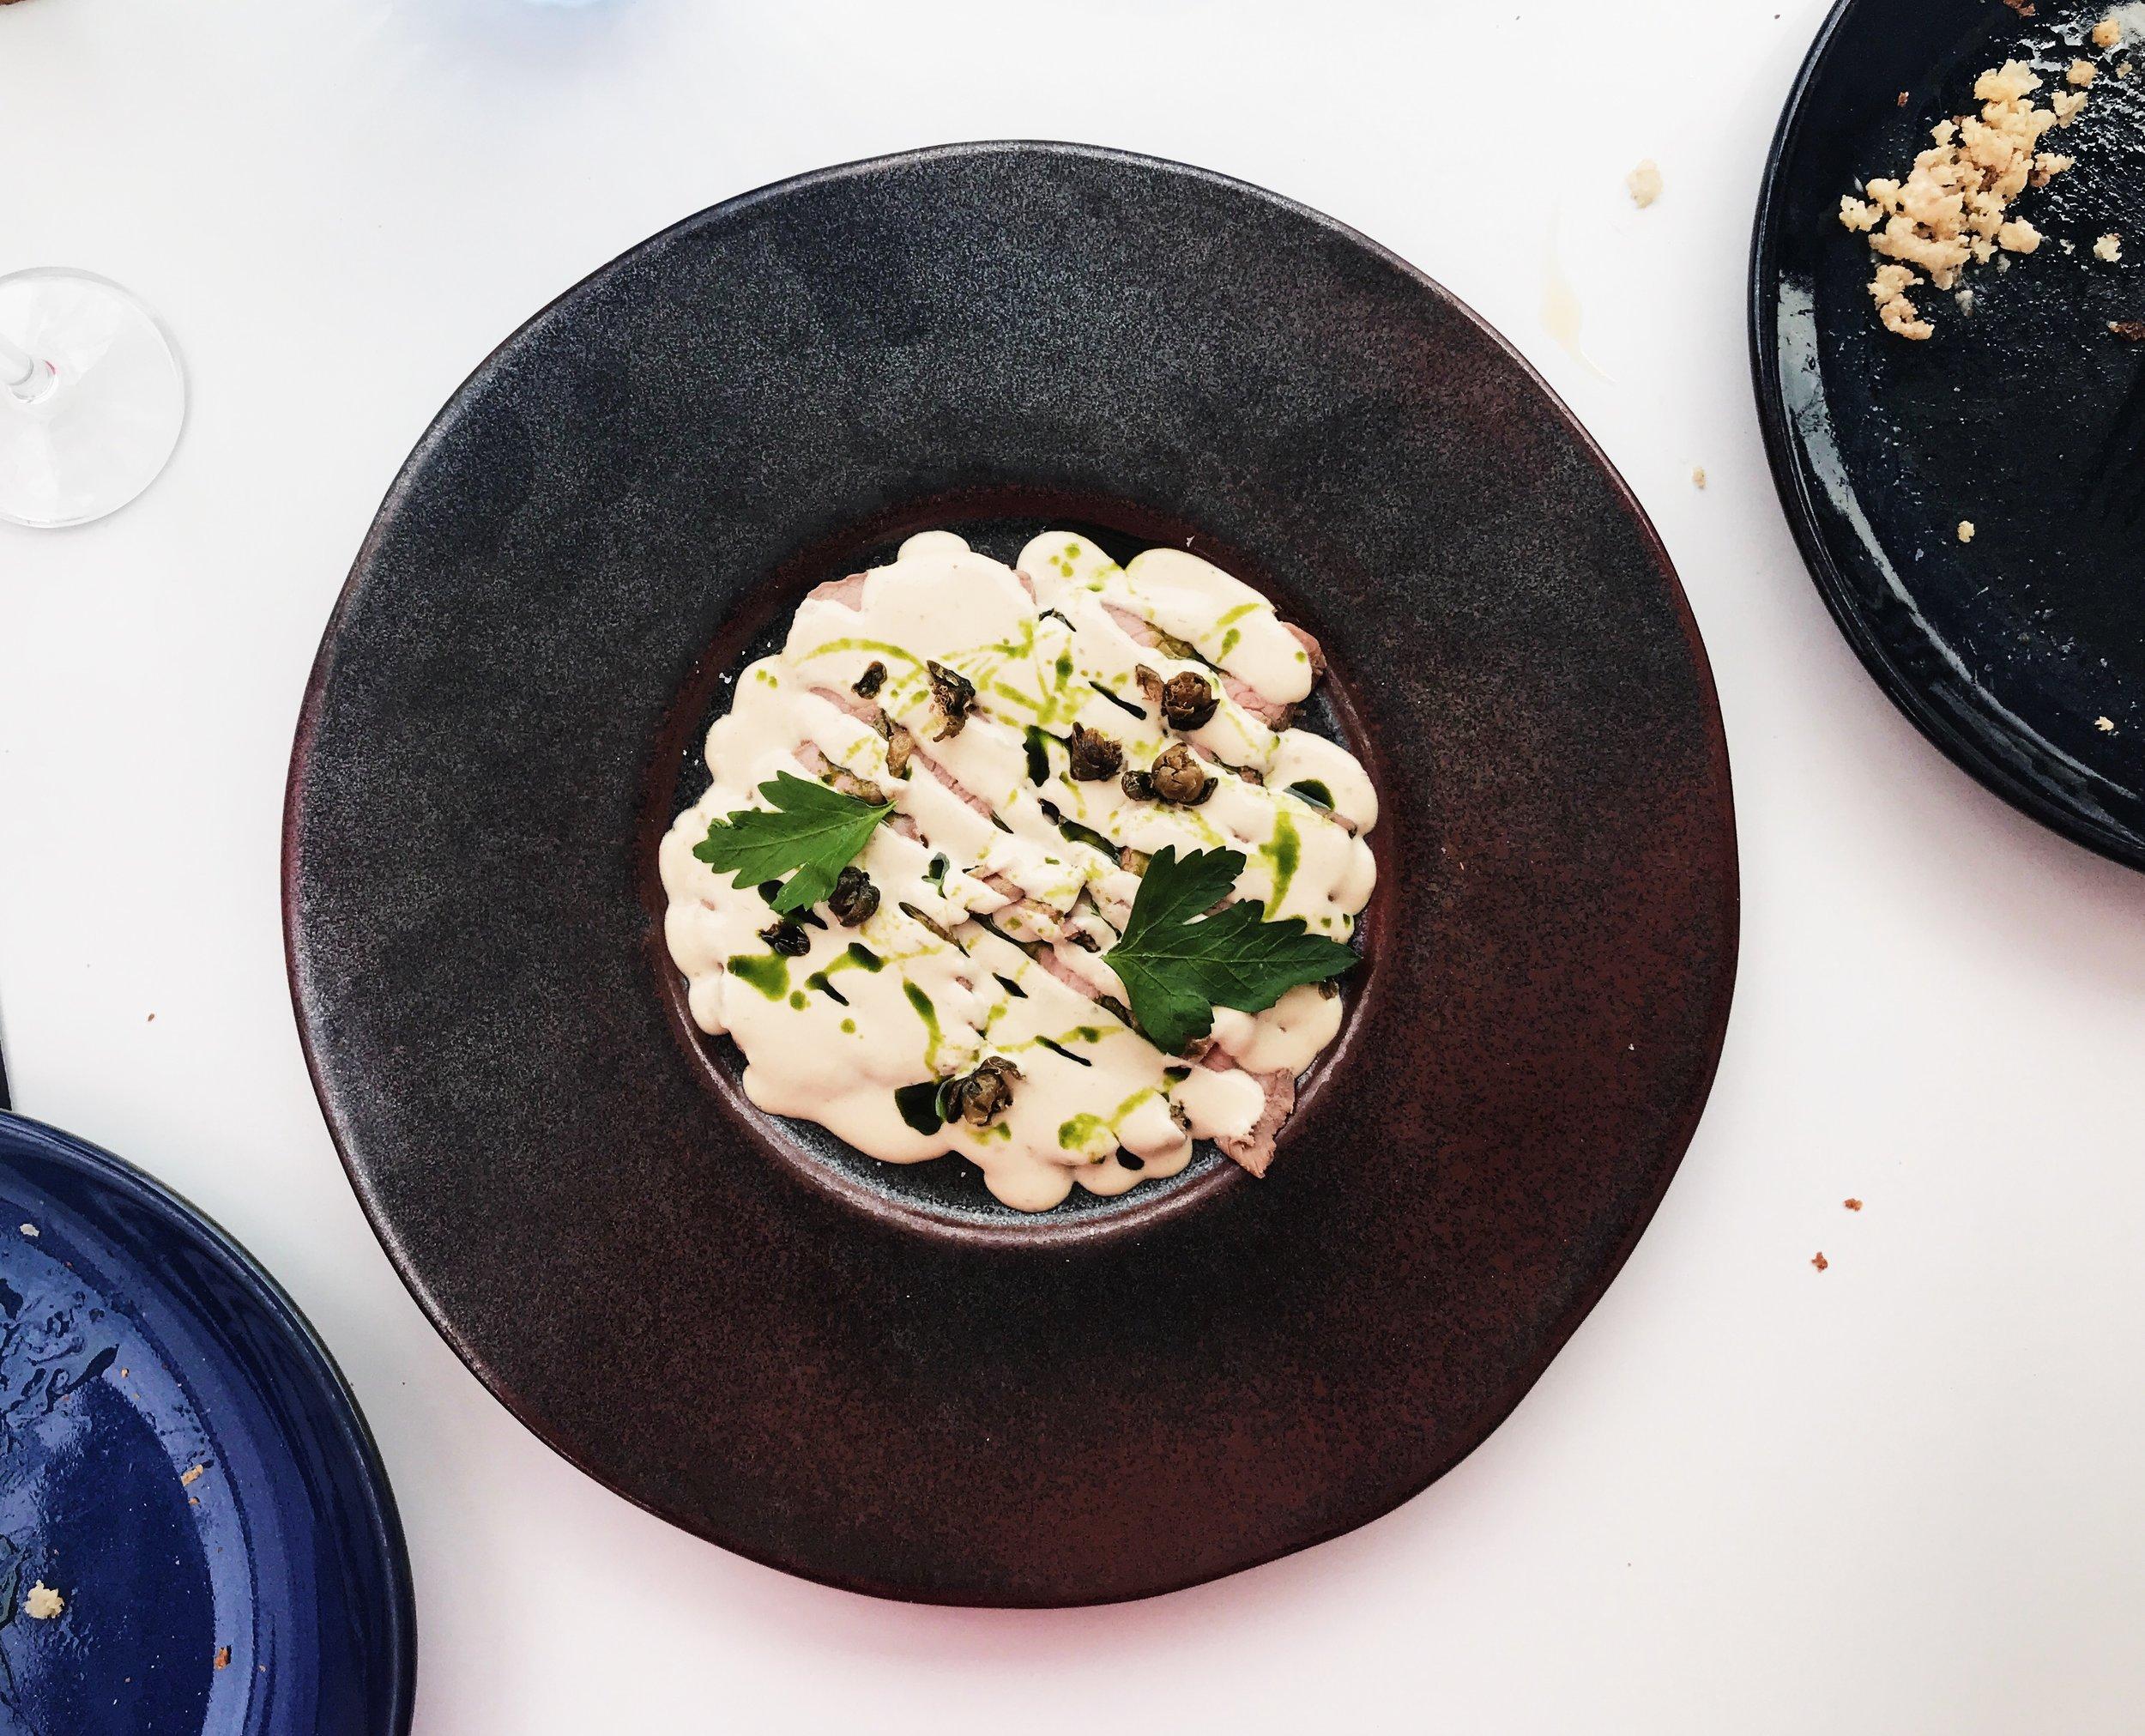 Vitello tonnato - truly delicious!